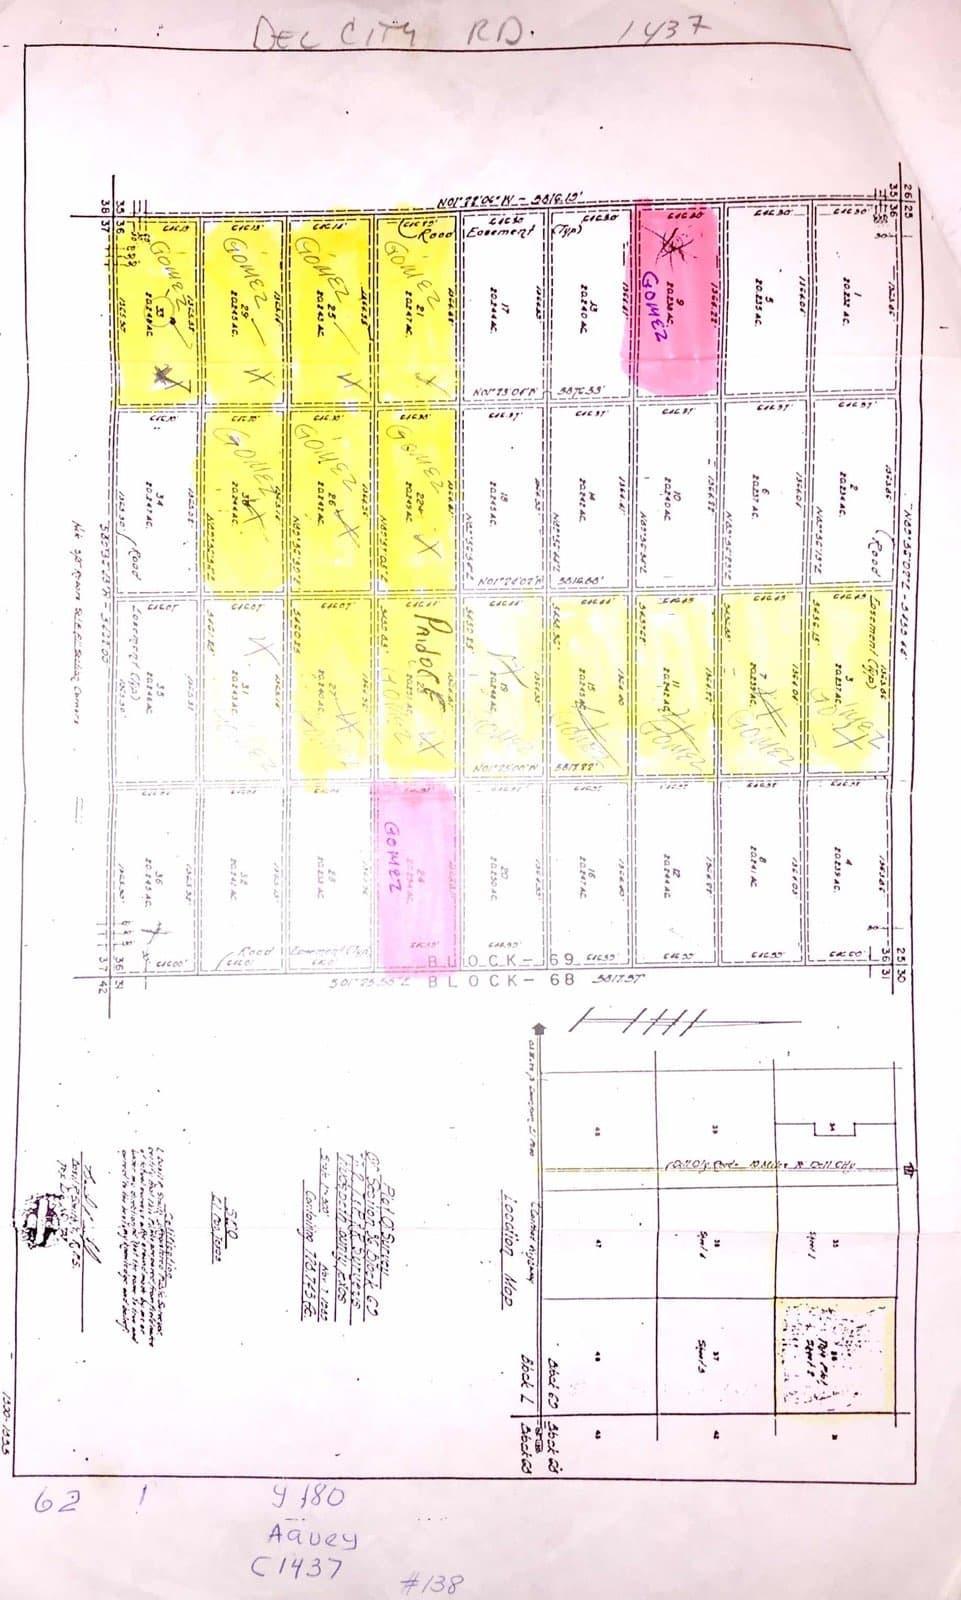 20 Vista Heights #2, Sierra Blanca, Texas 79851, ,Land,For sale,Vista Heights #2,838864